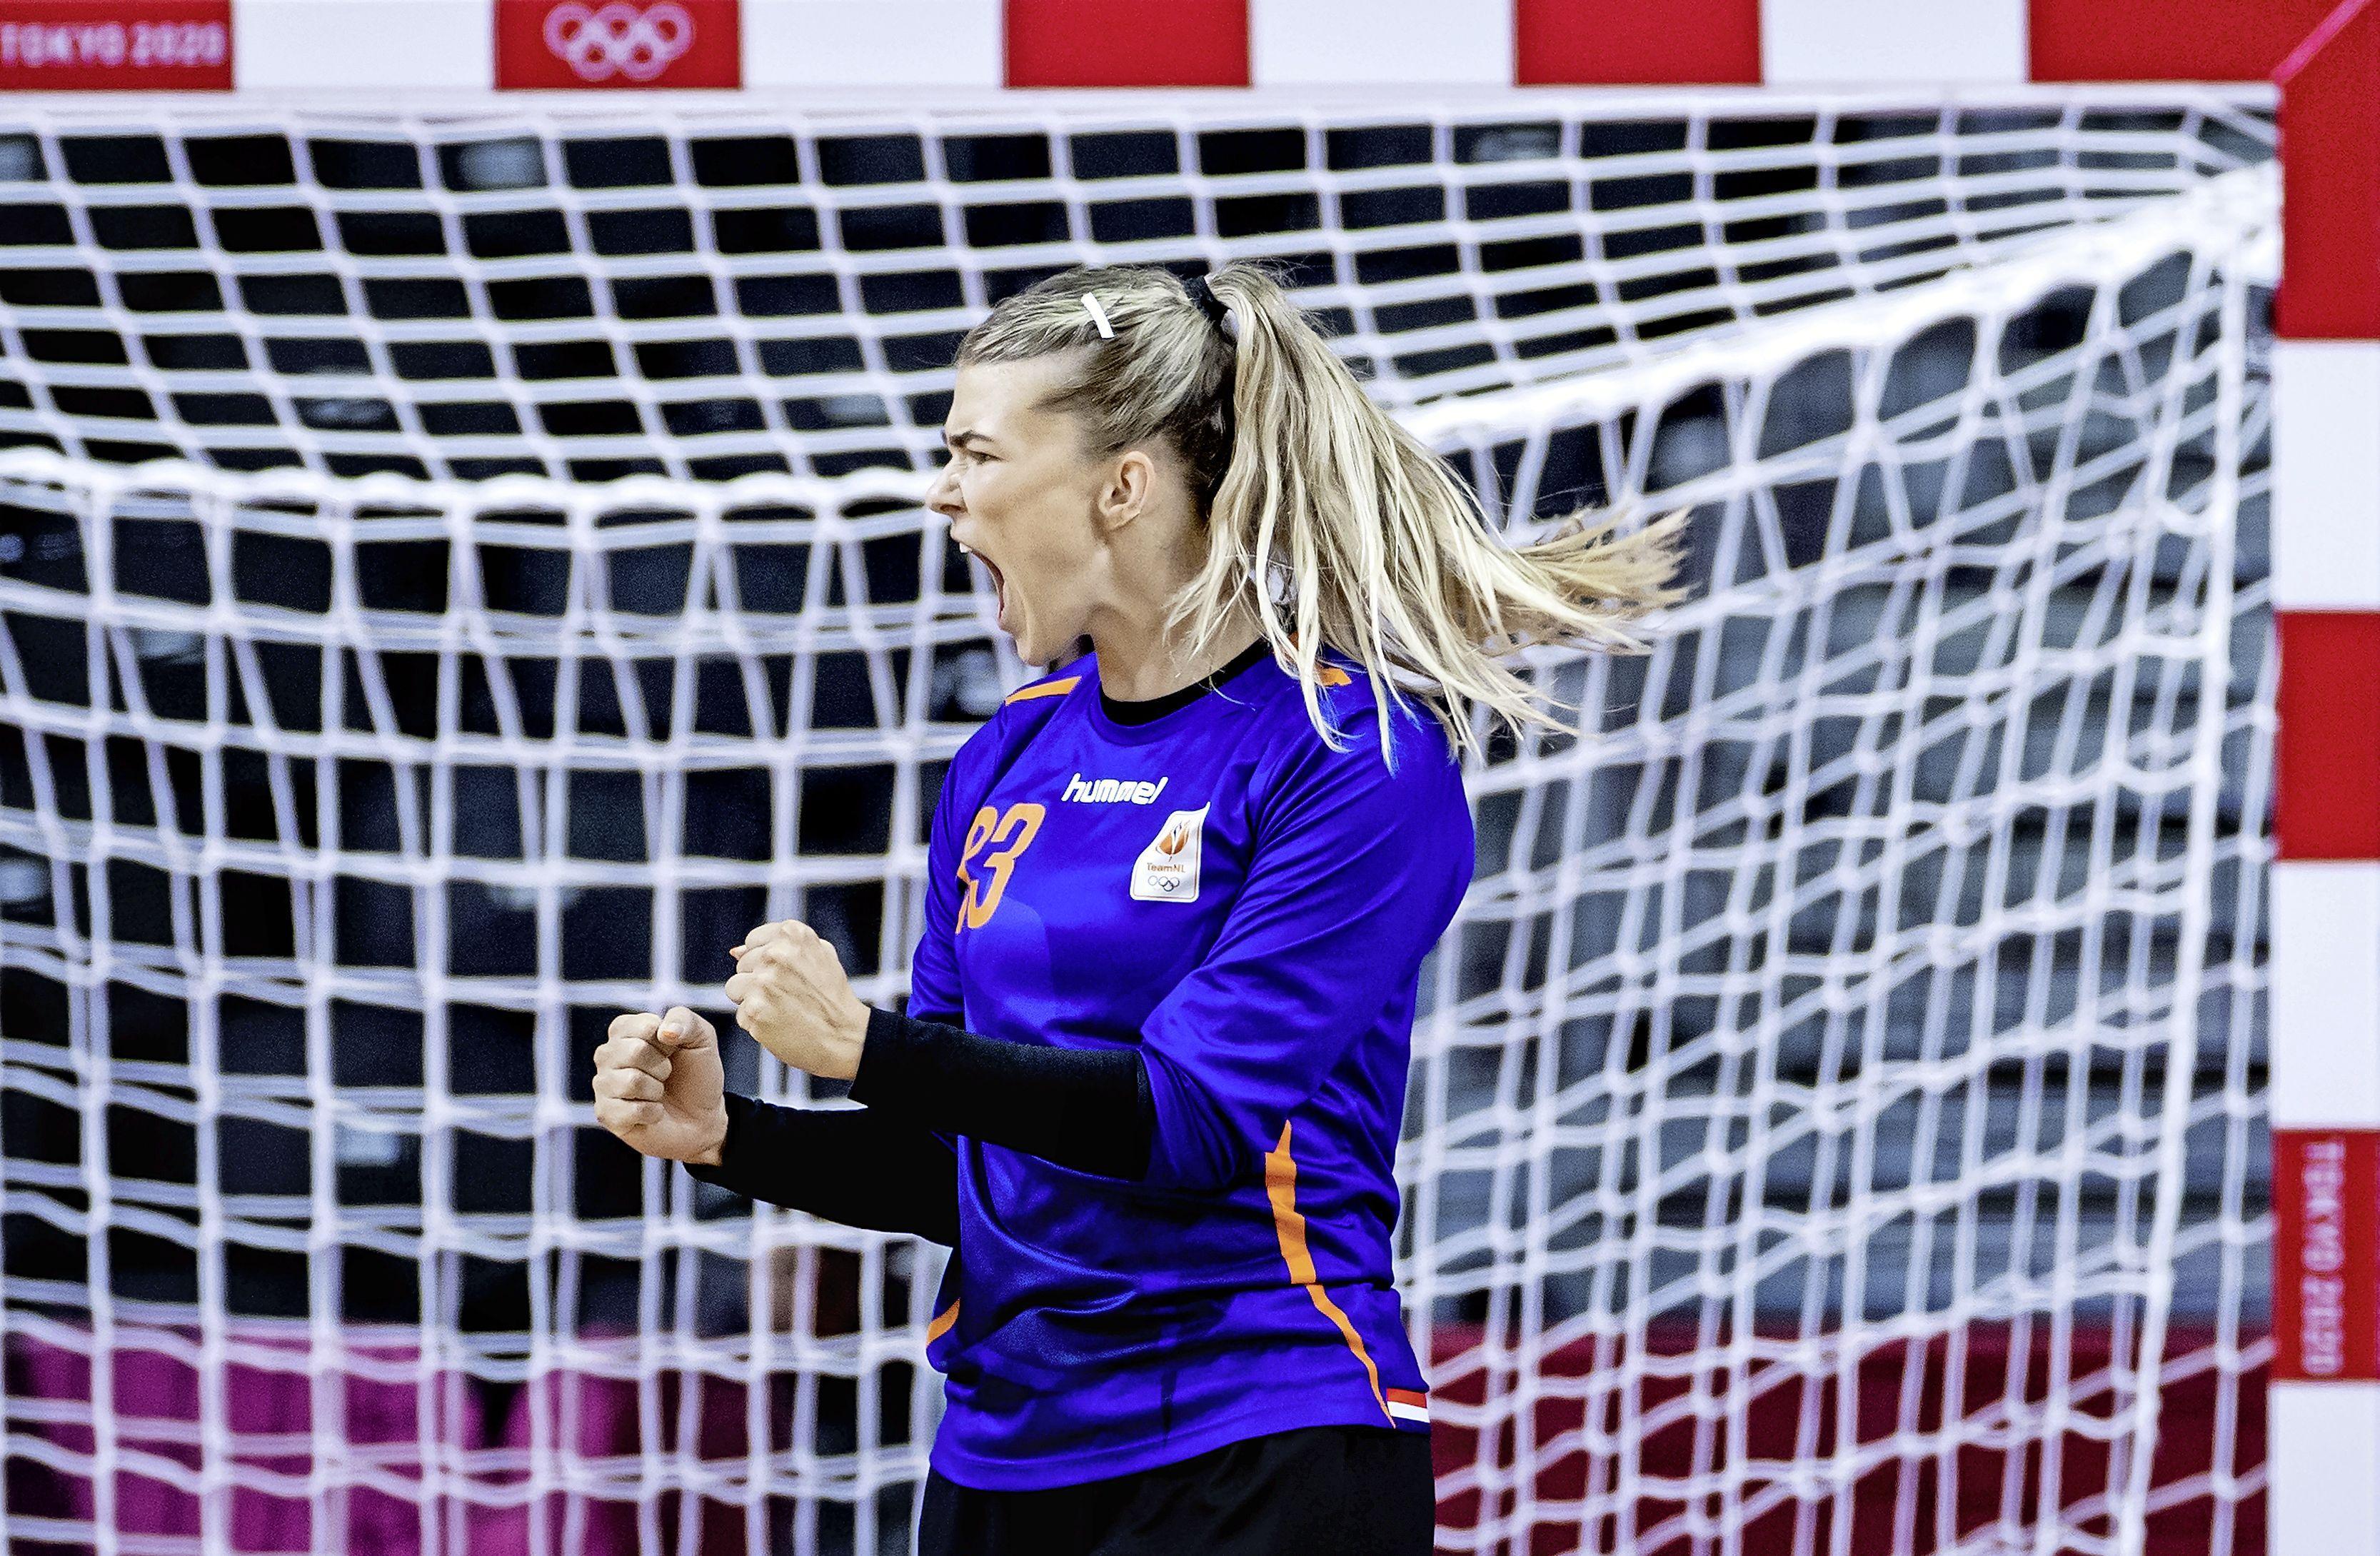 Handbalsters winnen in doelpuntrijk duel van Zuid-Korea: 43-36